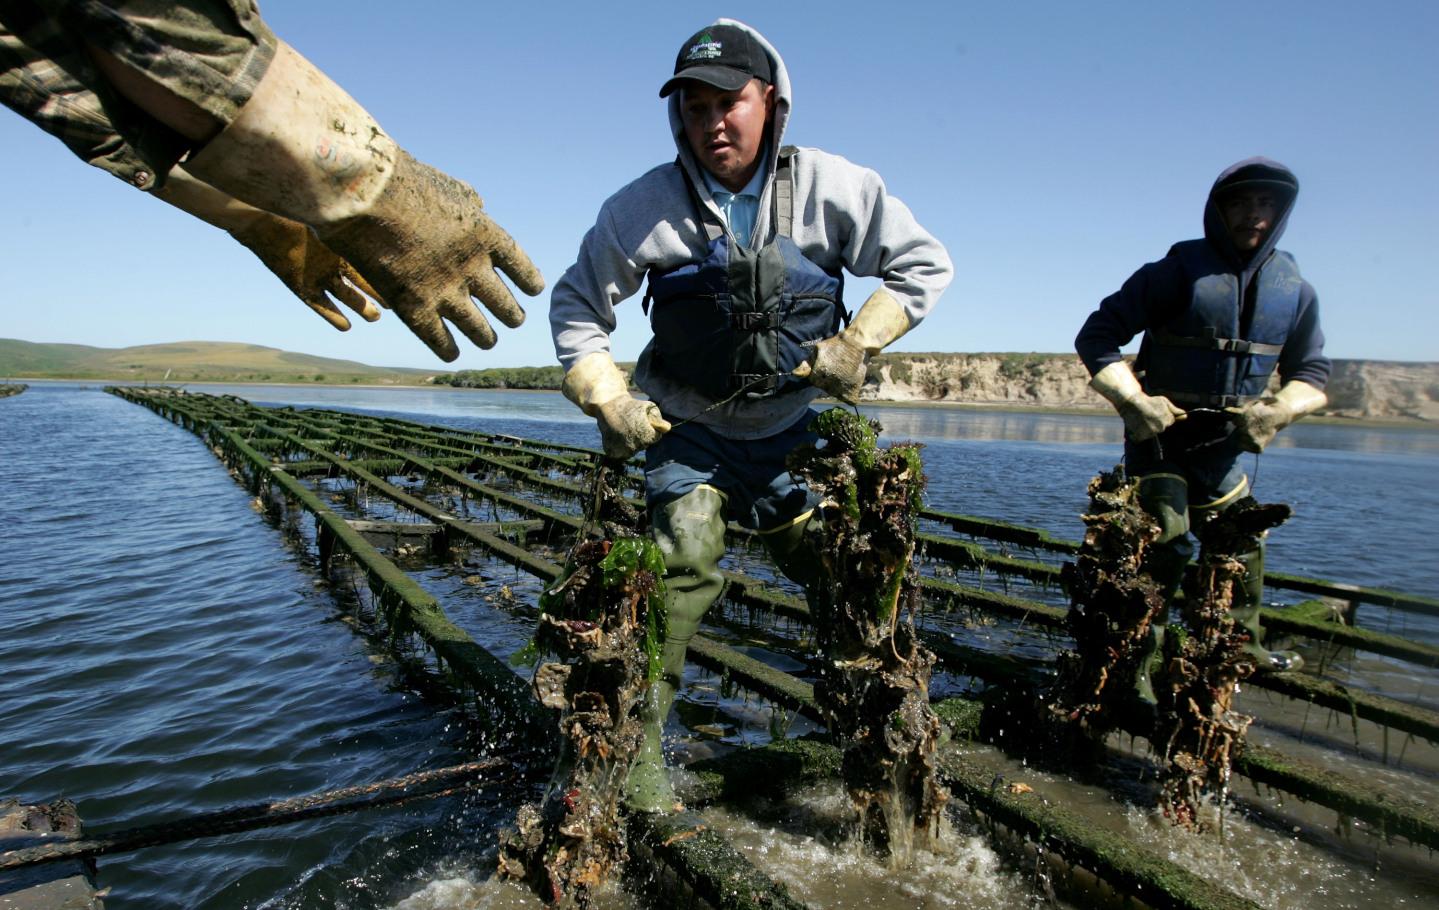 Oyster Fisherman Battles National Park Service Over Harvest Rights